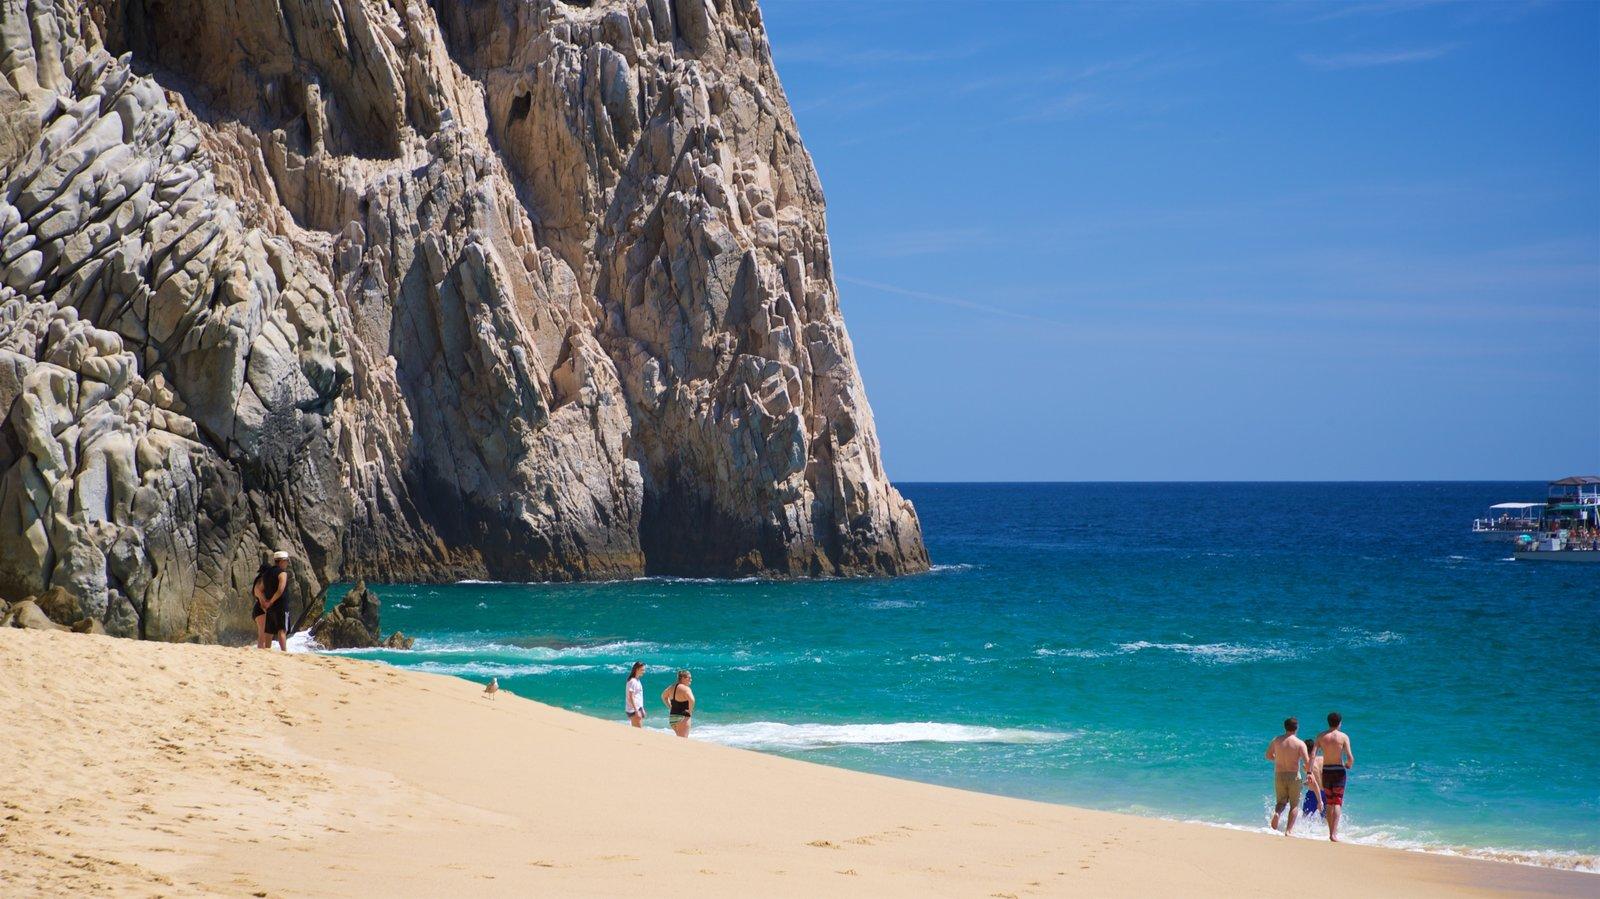 Playa Divorce mostrando vistas generales de la costa, costa escarpada y una playa de arena